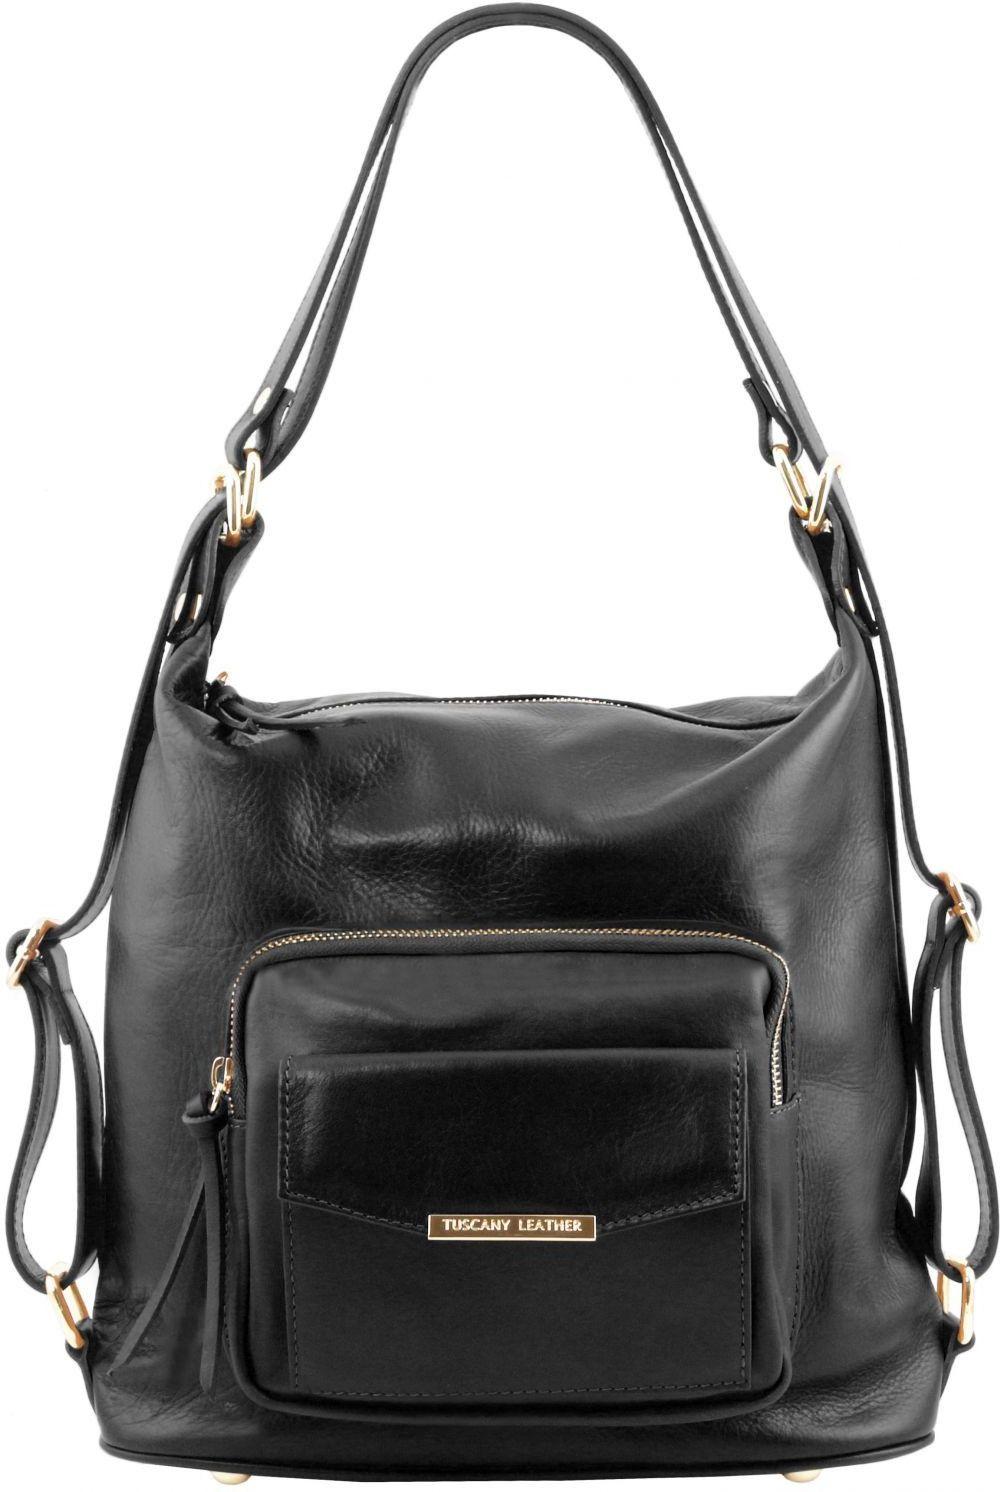 Γυναικεία Τσάντα Δερμάτινη Ώμου / Πλάτης TL141535 Μαύρο Tuscany Leather γυναίκα   τσάντες ώμου   χειρός